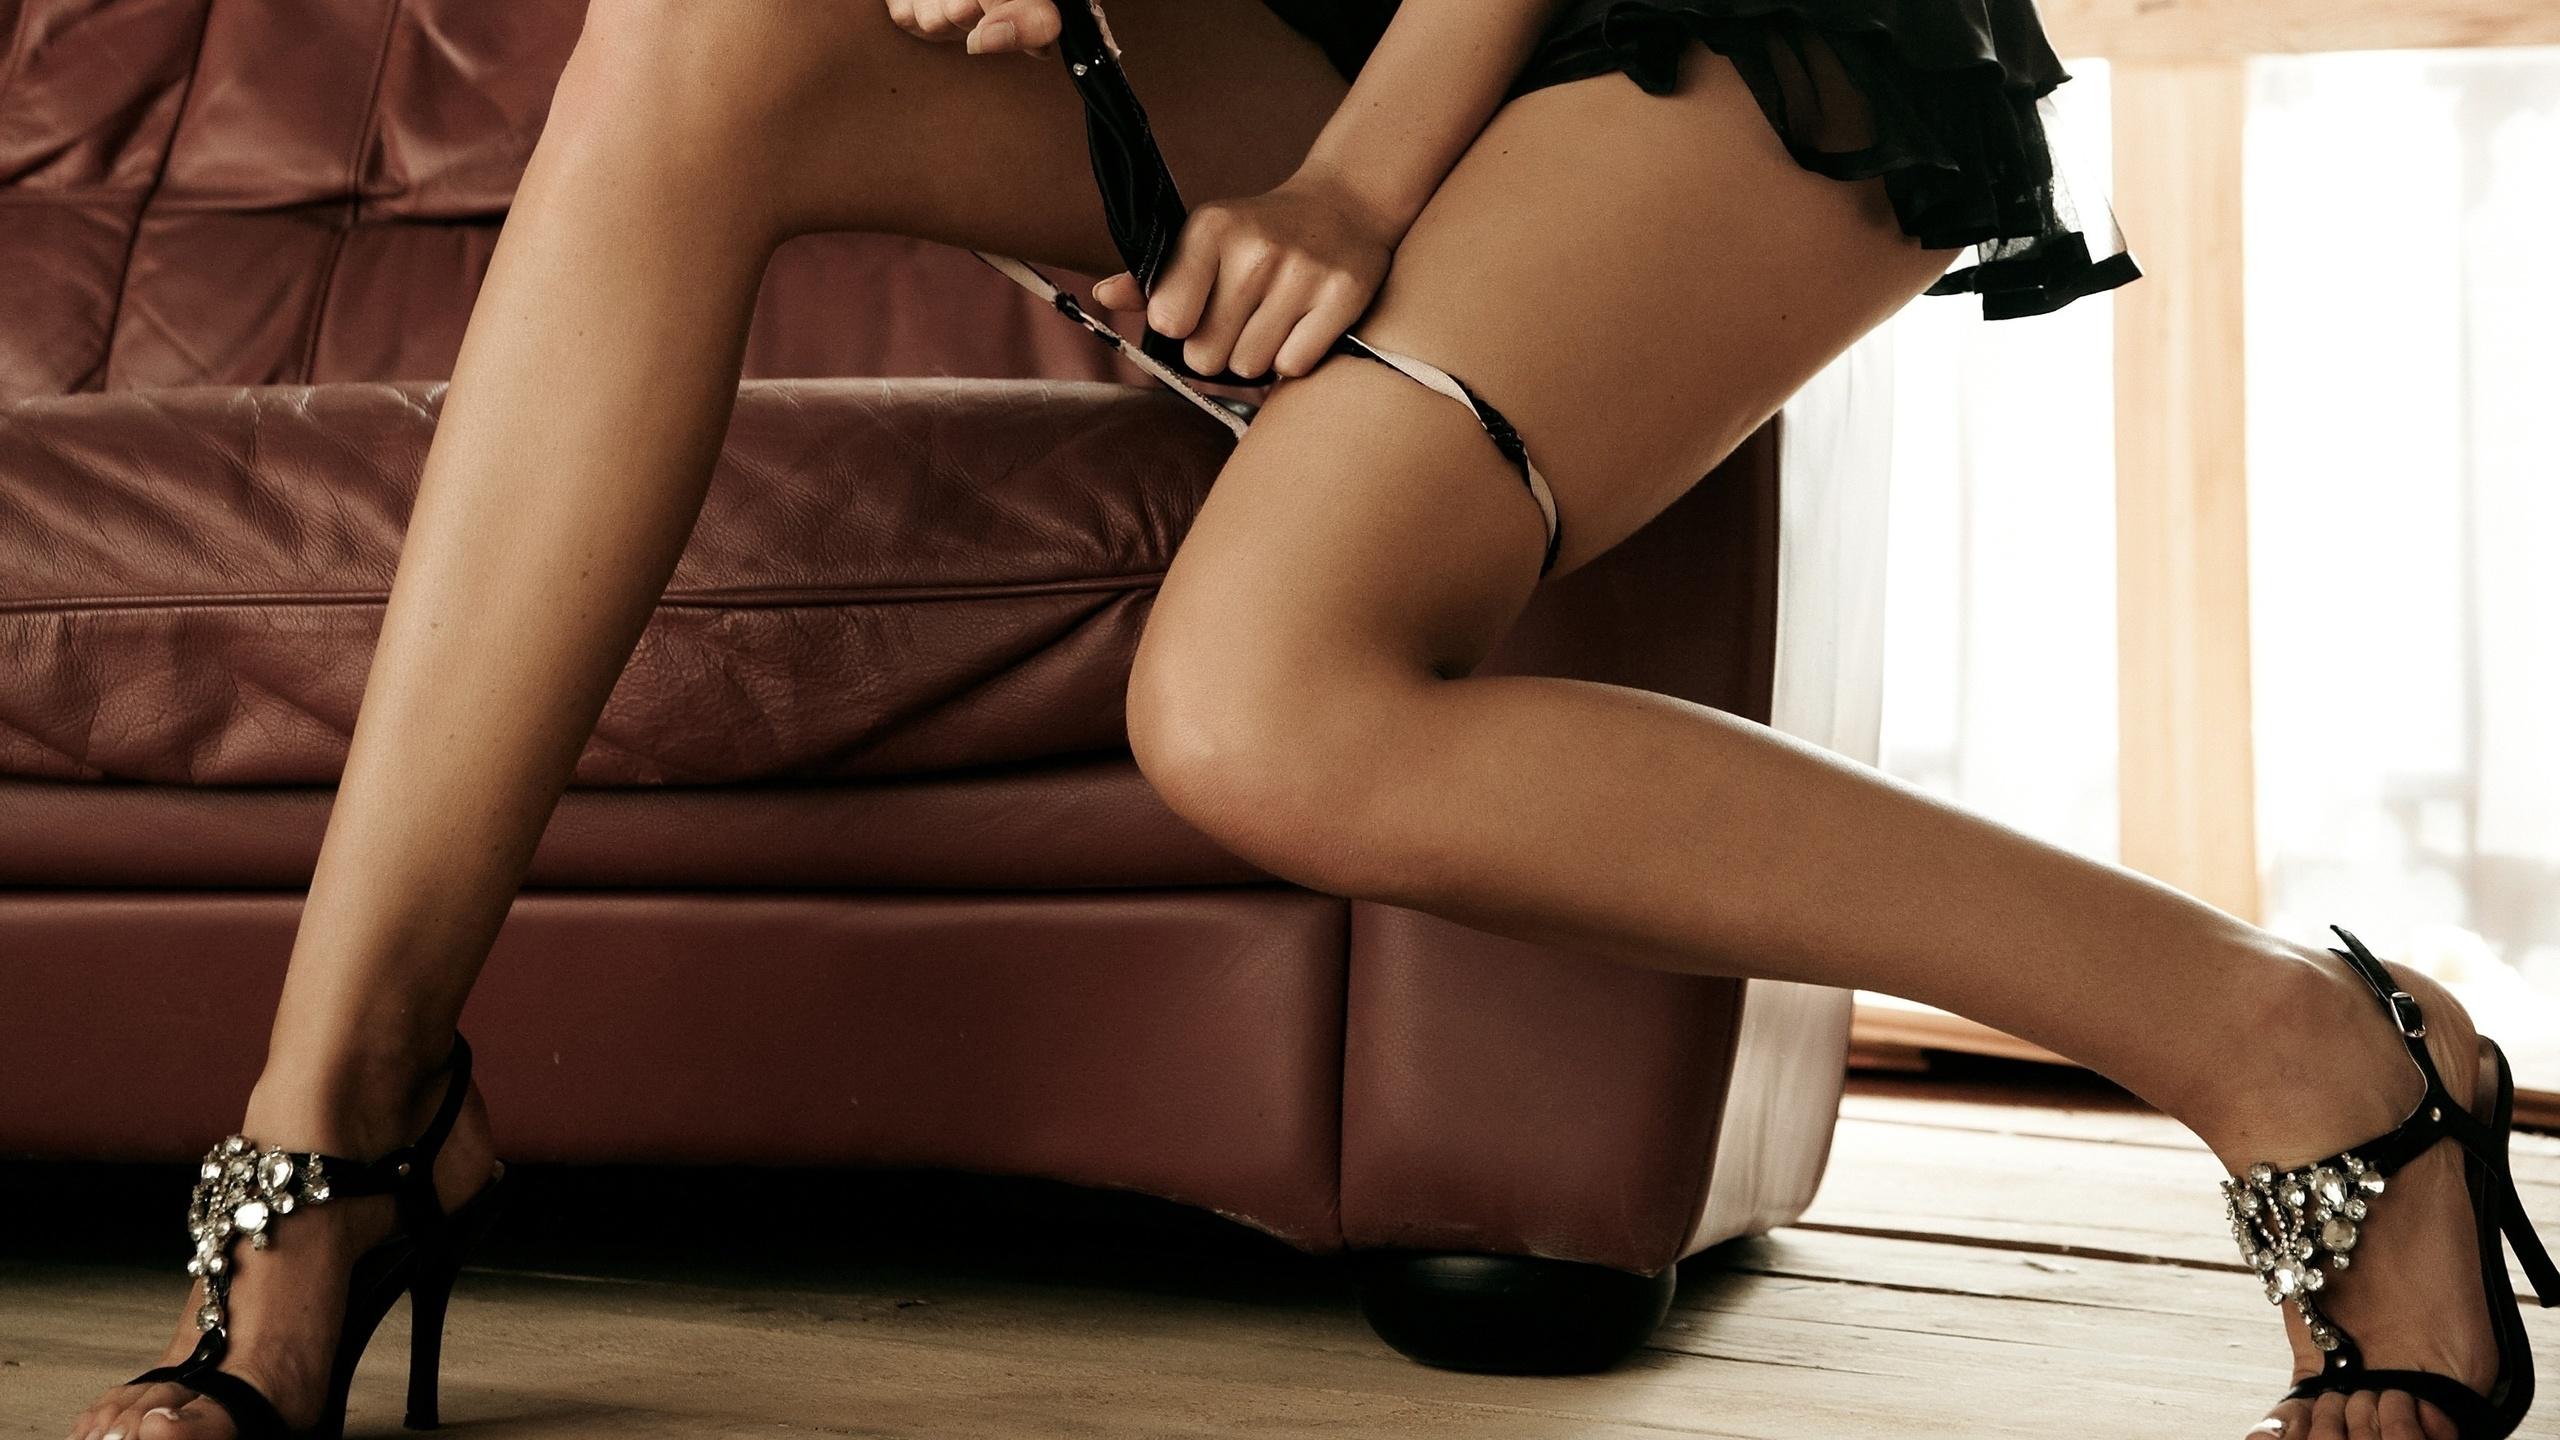 smotret-striptiz-krasivih-nozhek-videleniya-na-maminih-trusah-foto